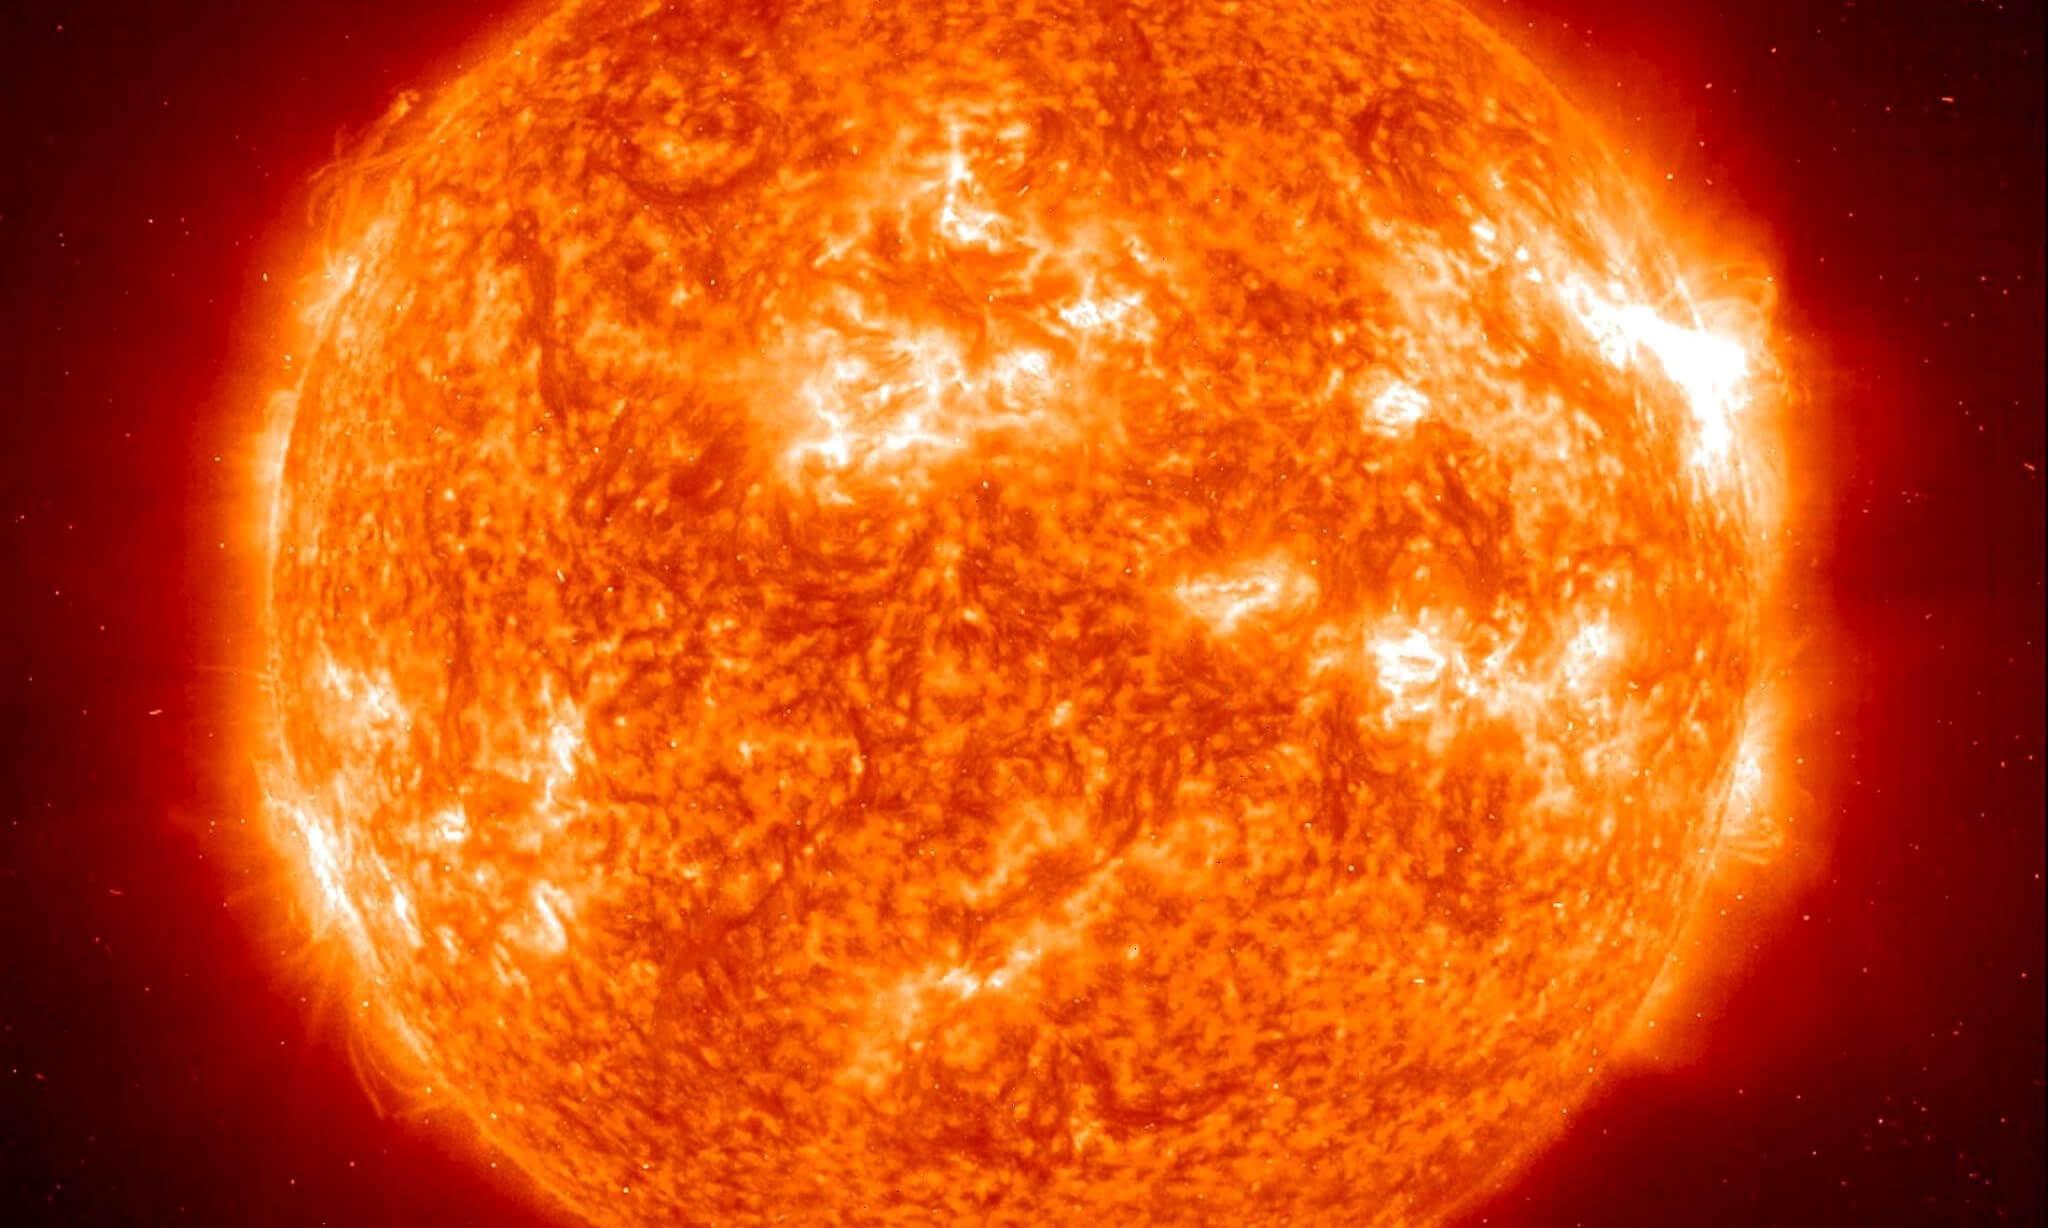 Как мы узнаем, из чего состоят звезды?